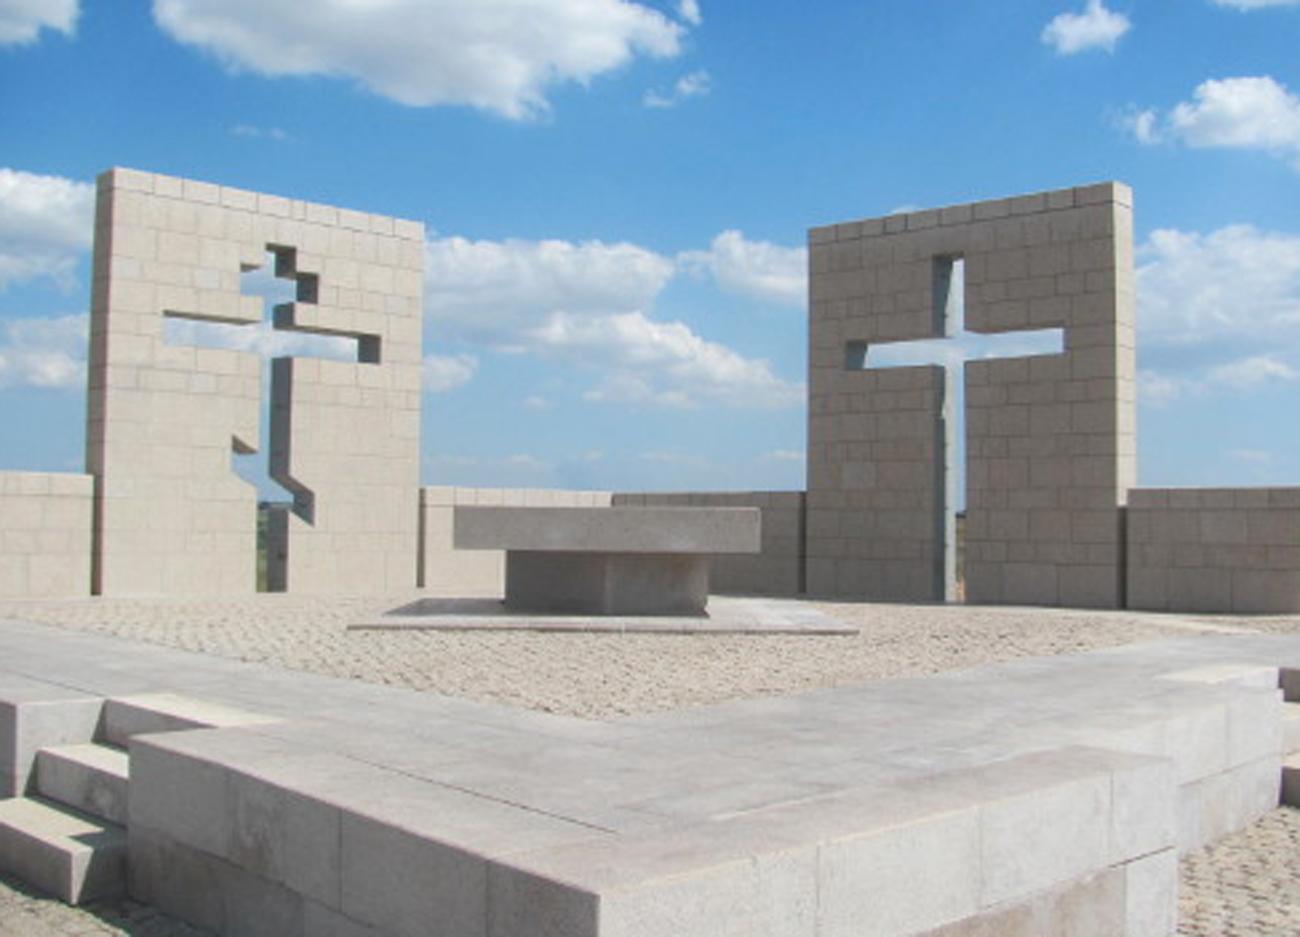 Die Kapelle ist eine Komposition aus zwei Wänden mit einem christlich-orthodoxen Kreuz, das auf den russischen Teil des Soldatenfriedhofs ausgerichtet ist, und mit einem katholischen Kreuz, das zum deutschen Teil des Friedhofs zeigt. Foto: Deutsche Botschaft Moskau